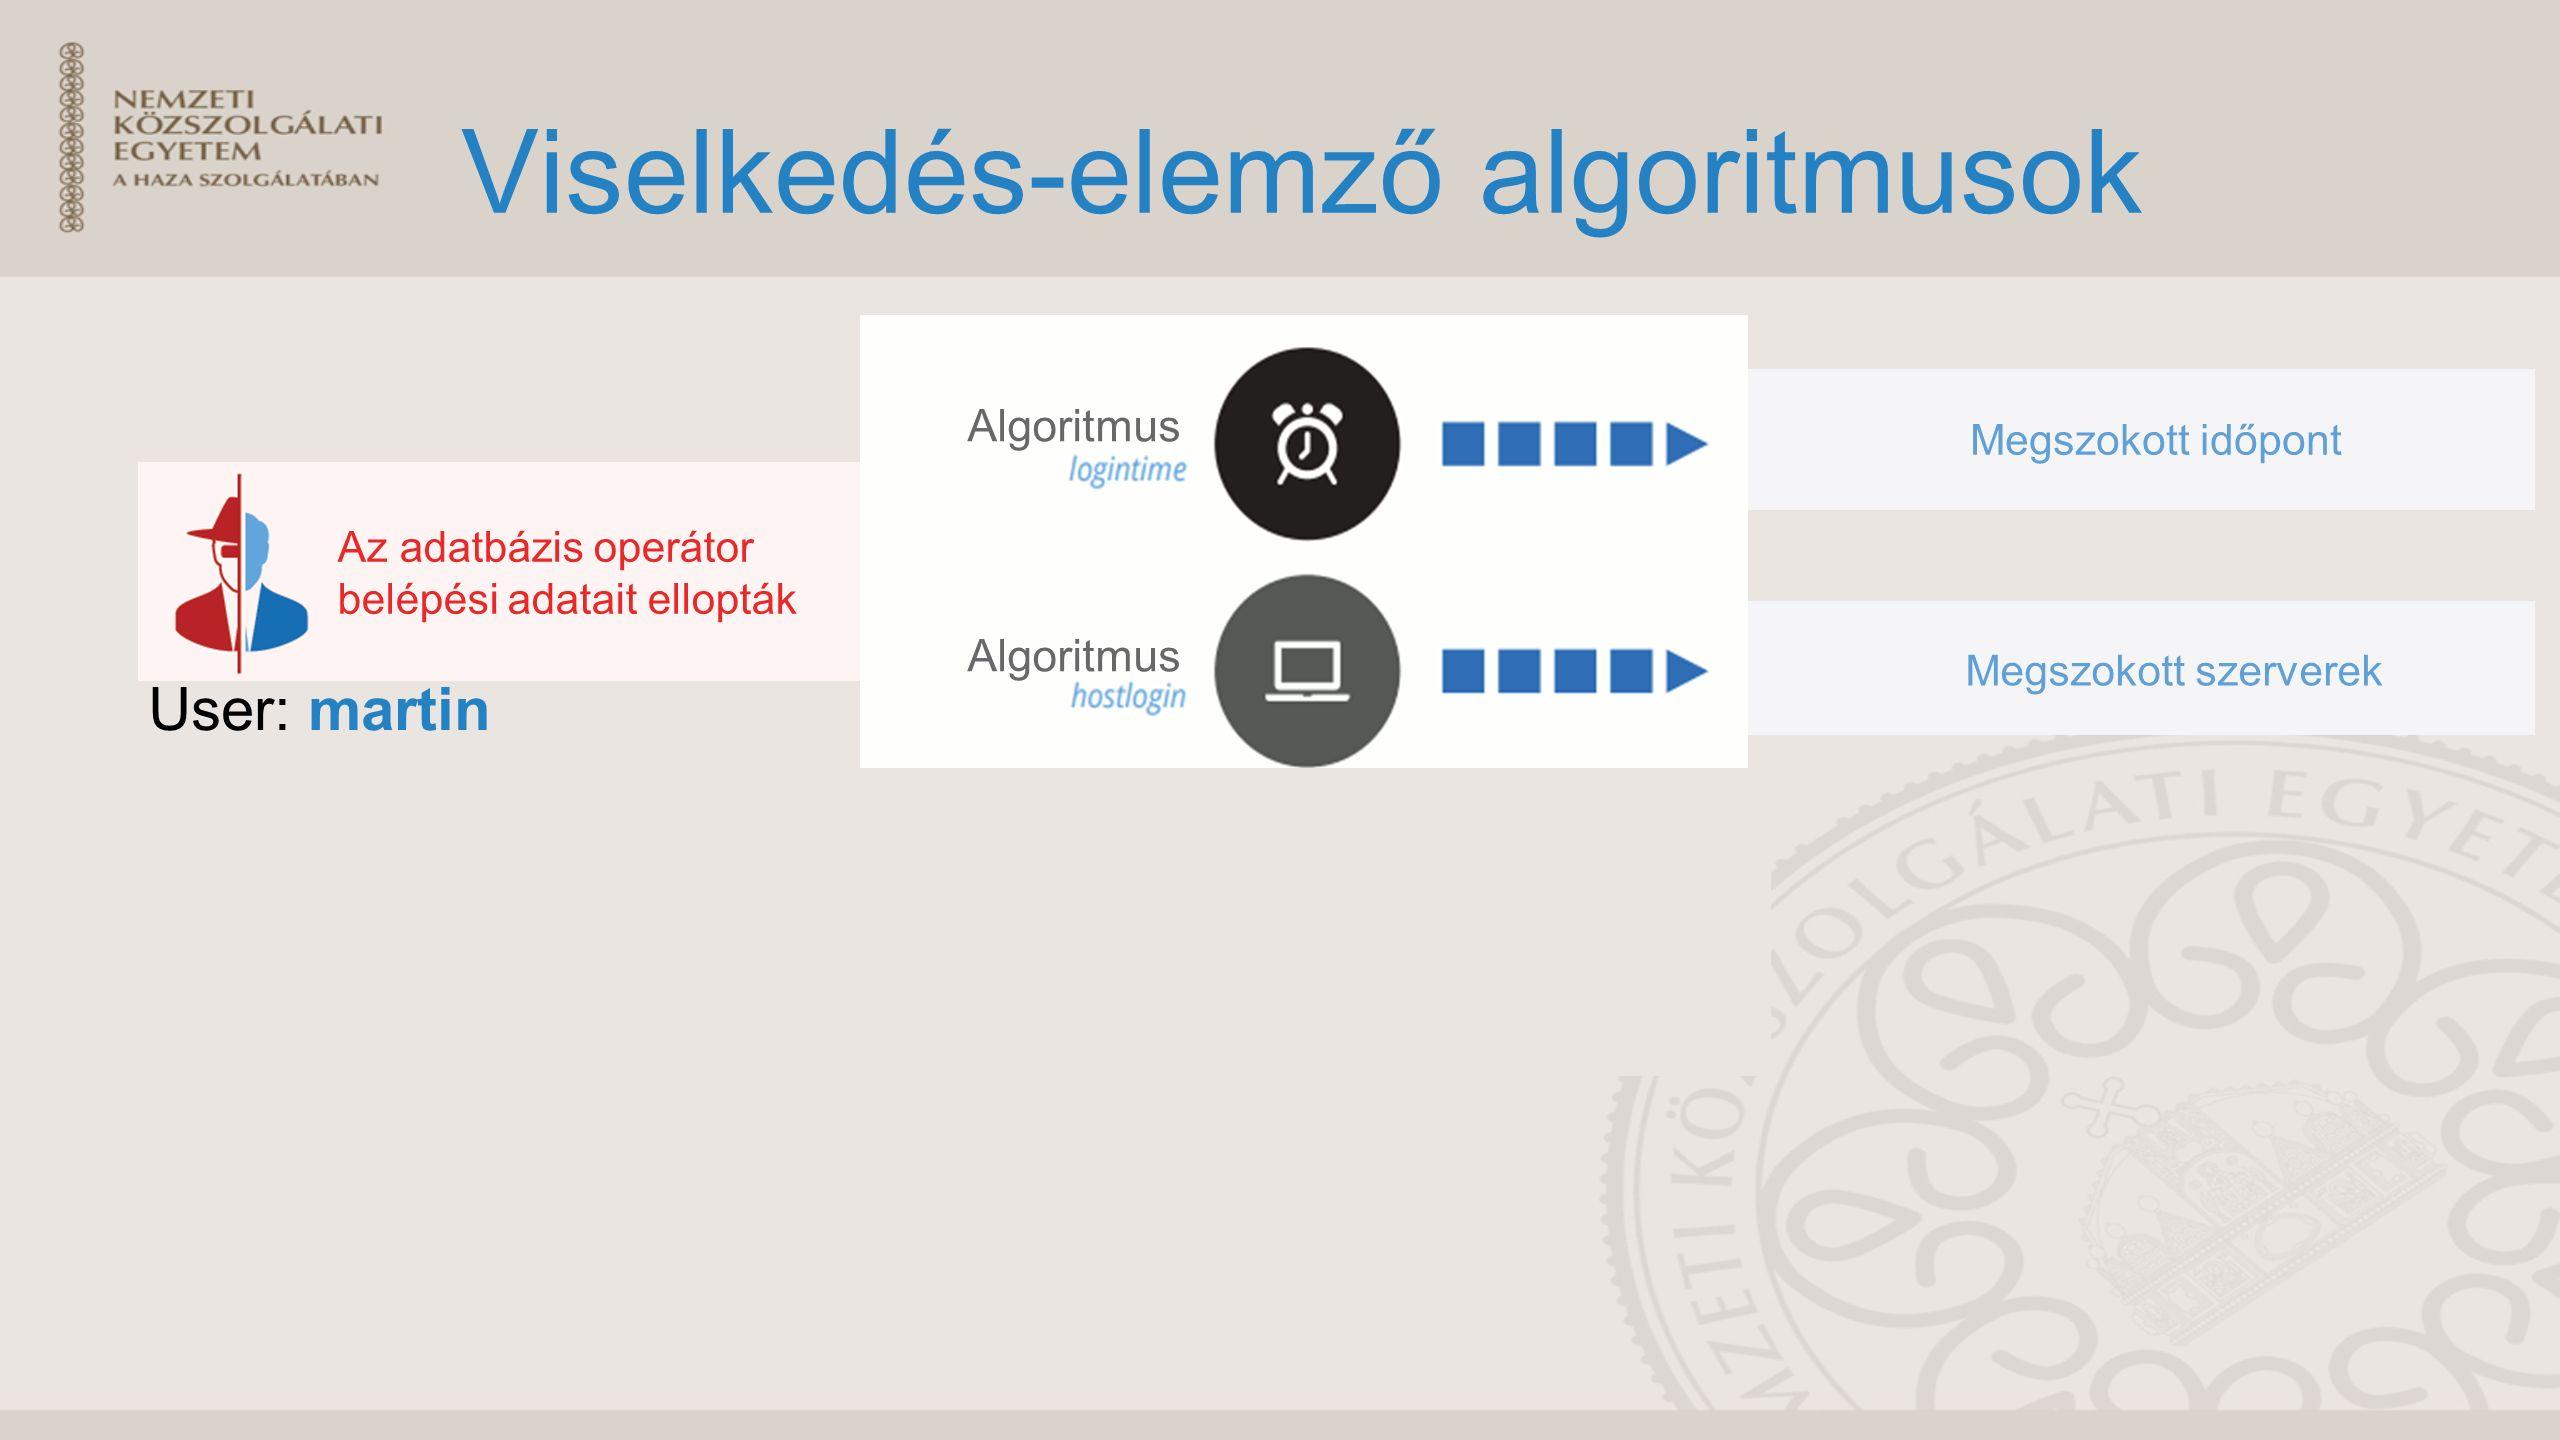 Viselkedés-elemző algoritmusok User: martin Az adatbázis operátor belépési adatait ellopták Algoritmus Megszokott időpont Megszokott szerverek